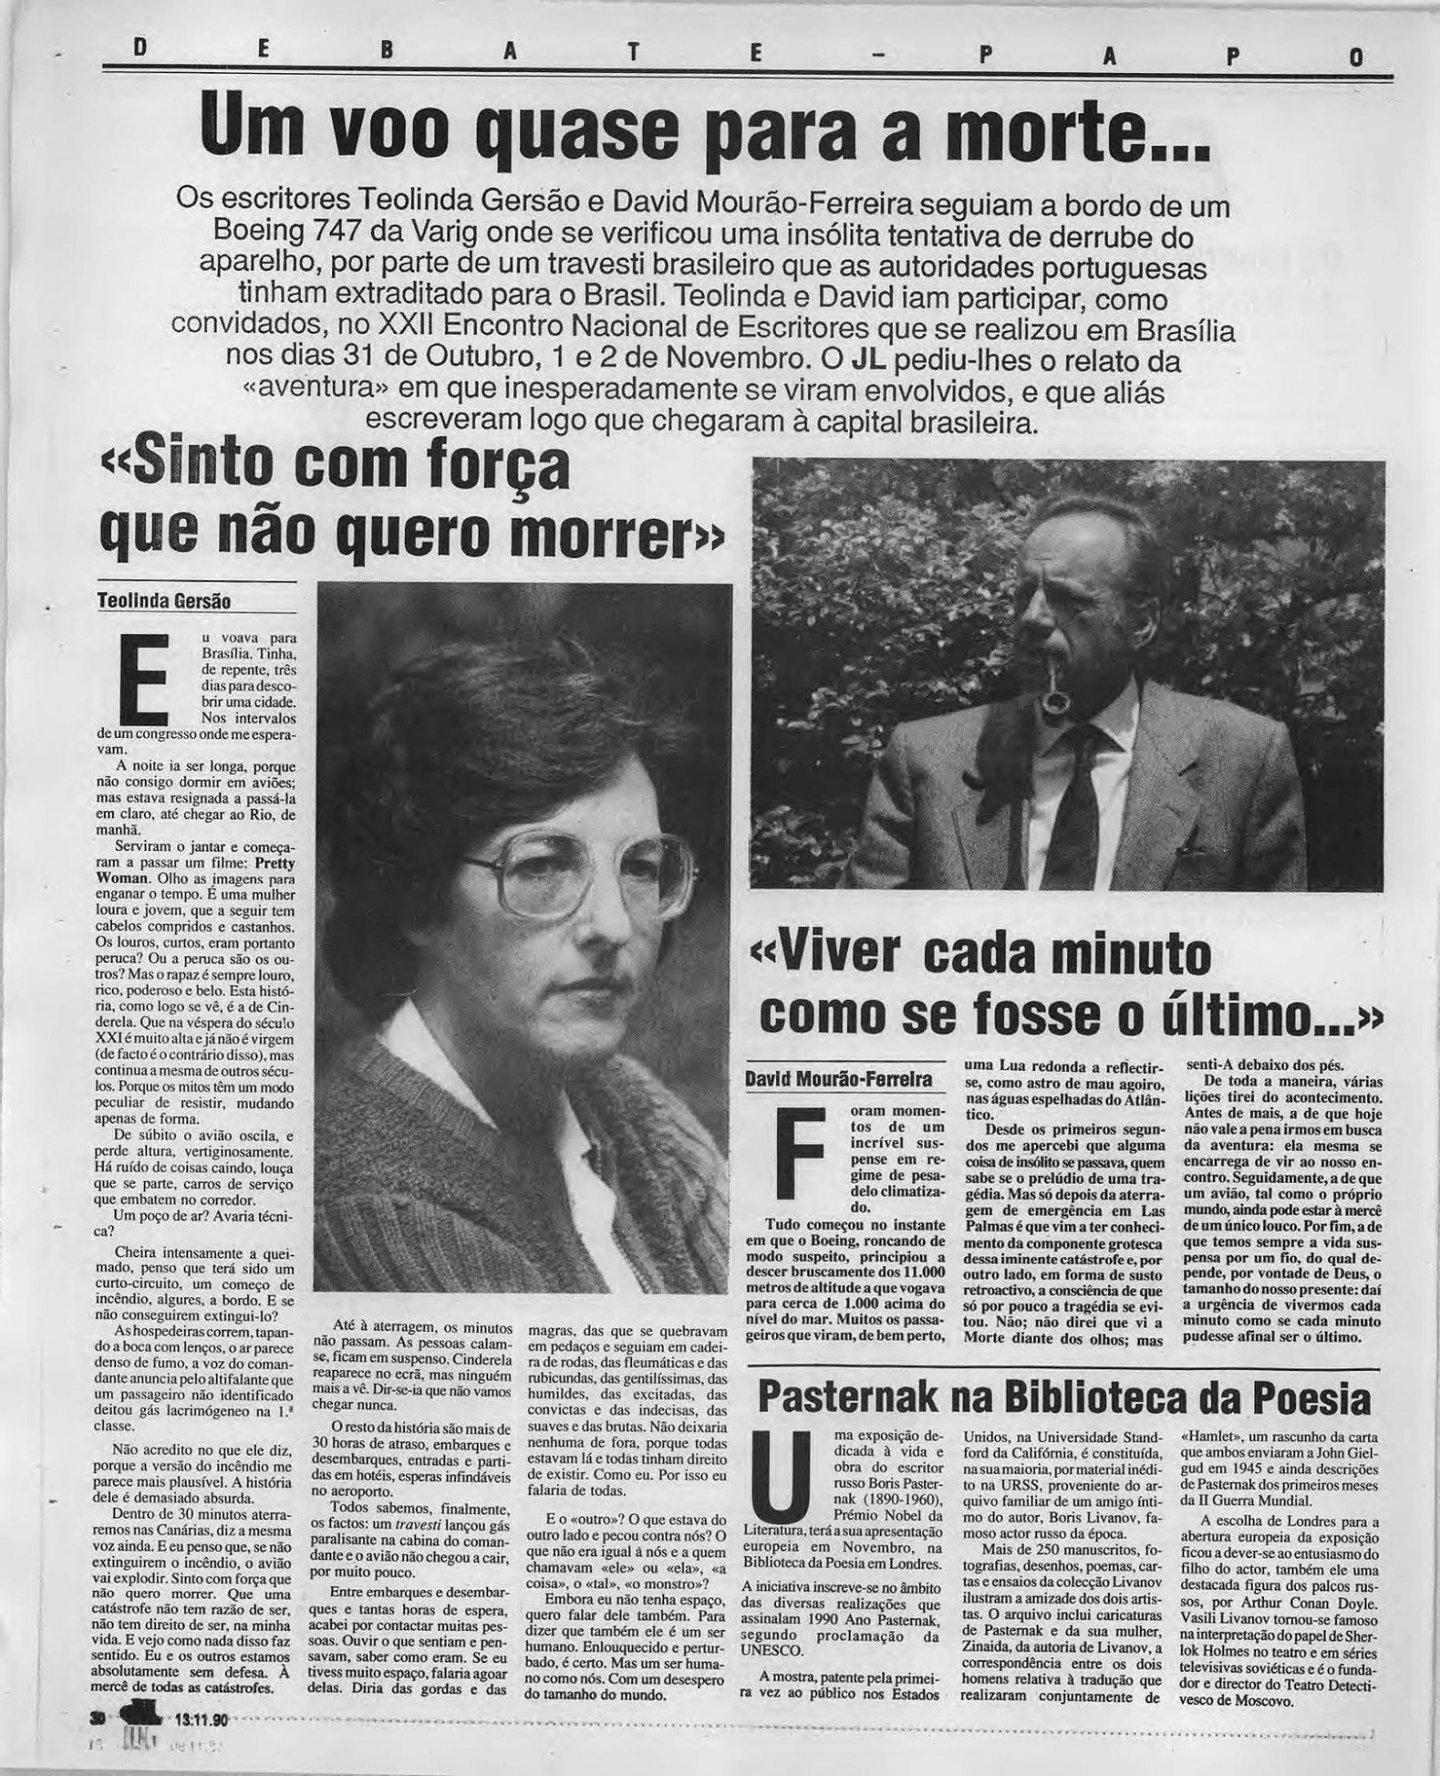 Página do Jornal de Letras